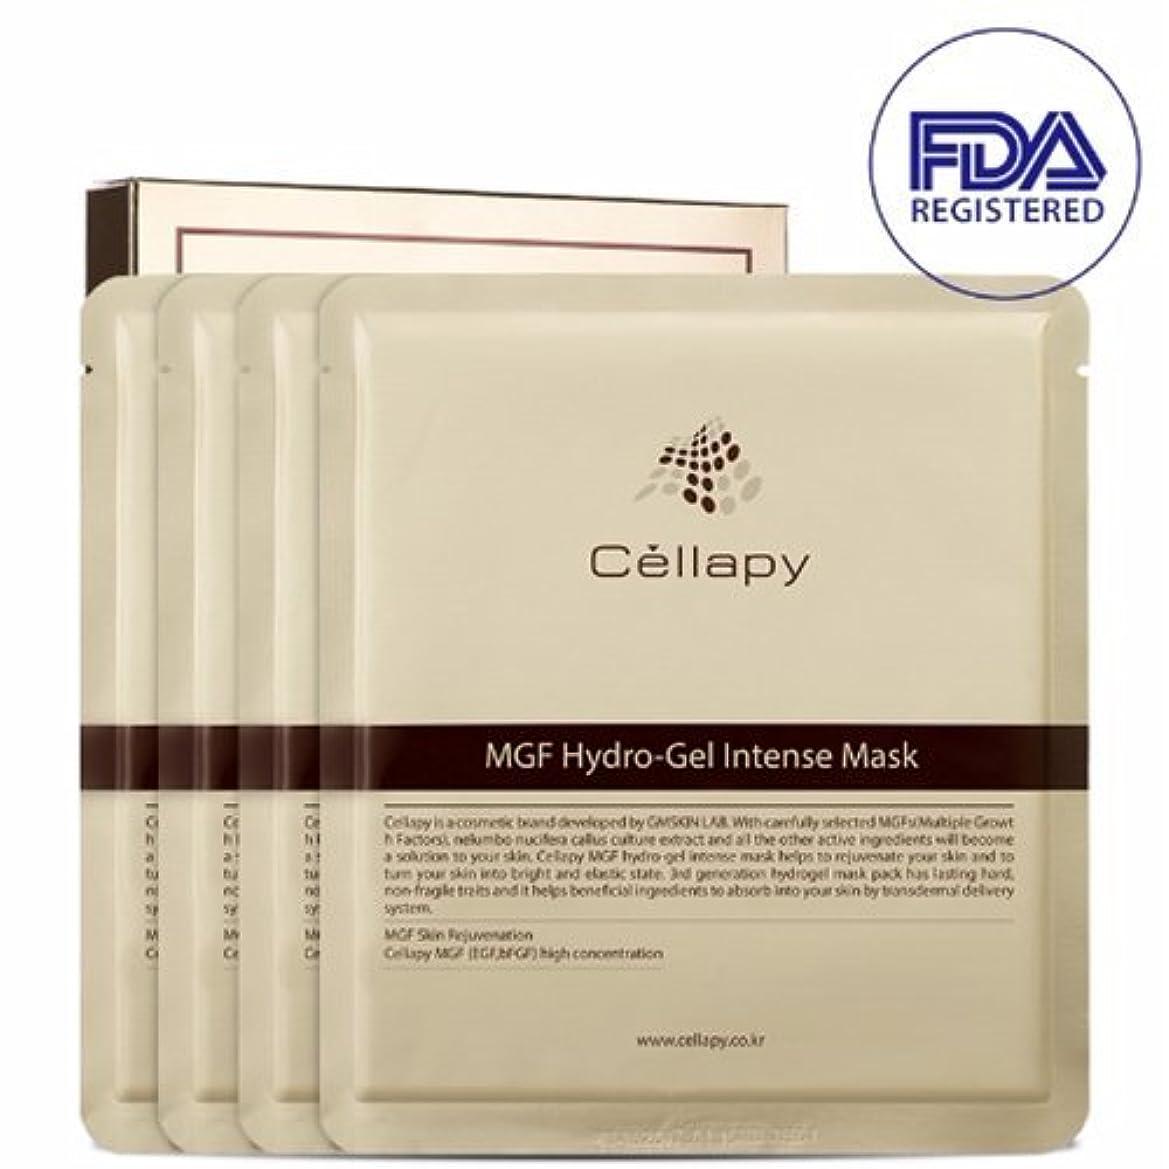 ストレスの多いアシスタントインクセルラピ MGFハイドロゲルインテンスマスクシート25g*4枚セット[並行輸入品] / Cellapy MGF Hydro-Gel Intense Mask Sheet 25g 4pcs Set for Irritable...